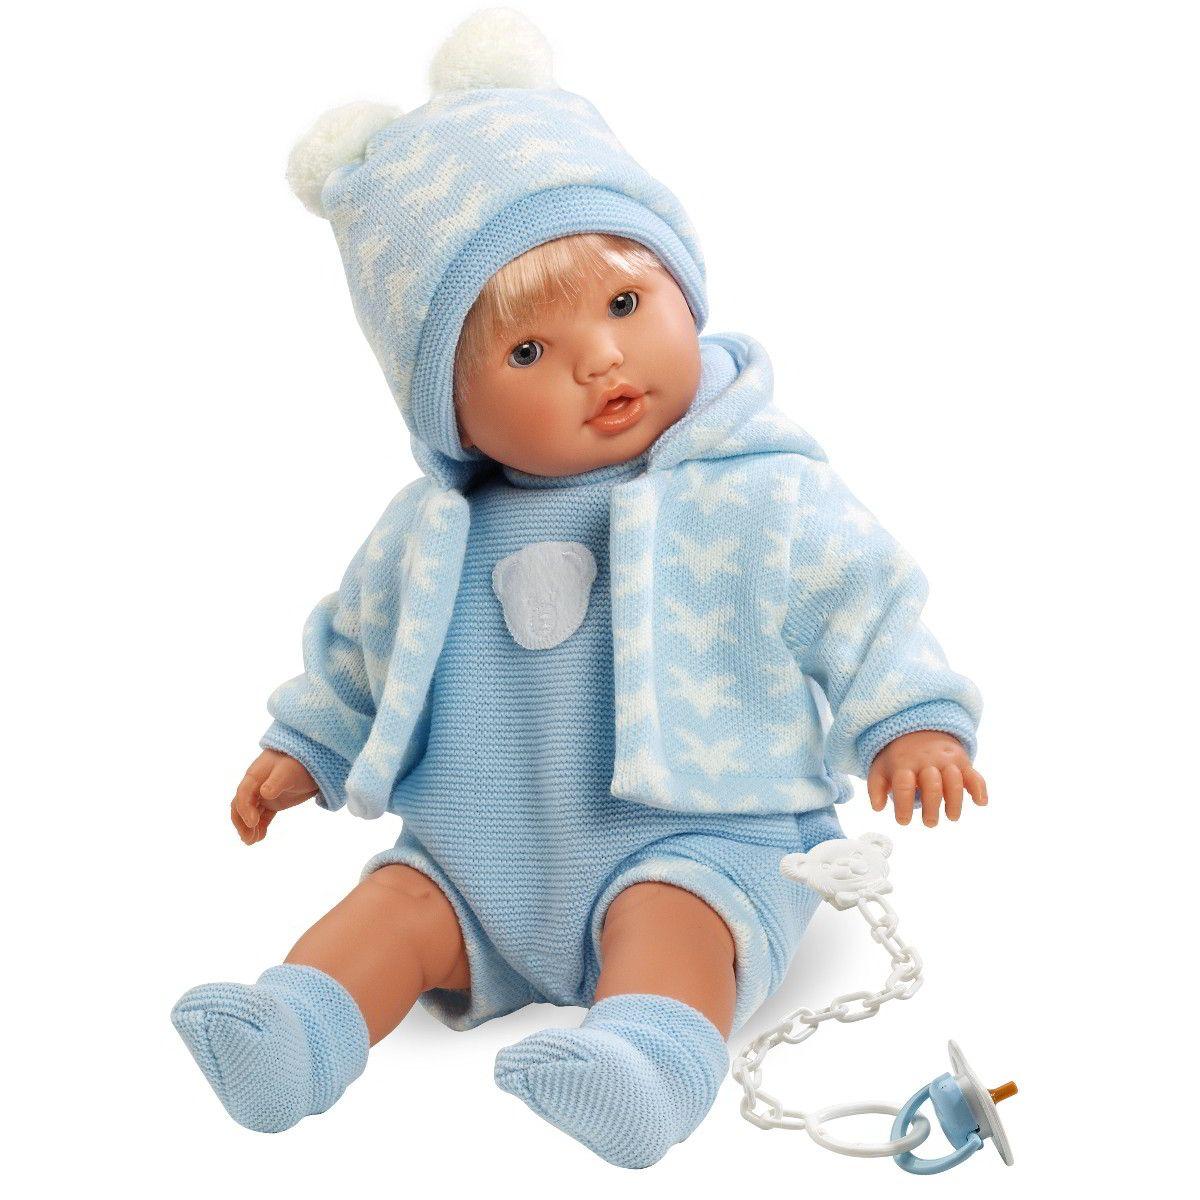 Кукла Нико, 48 смИспанские куклы Llorens Juan, S.L.<br>Кукла Нико, 48 см<br>